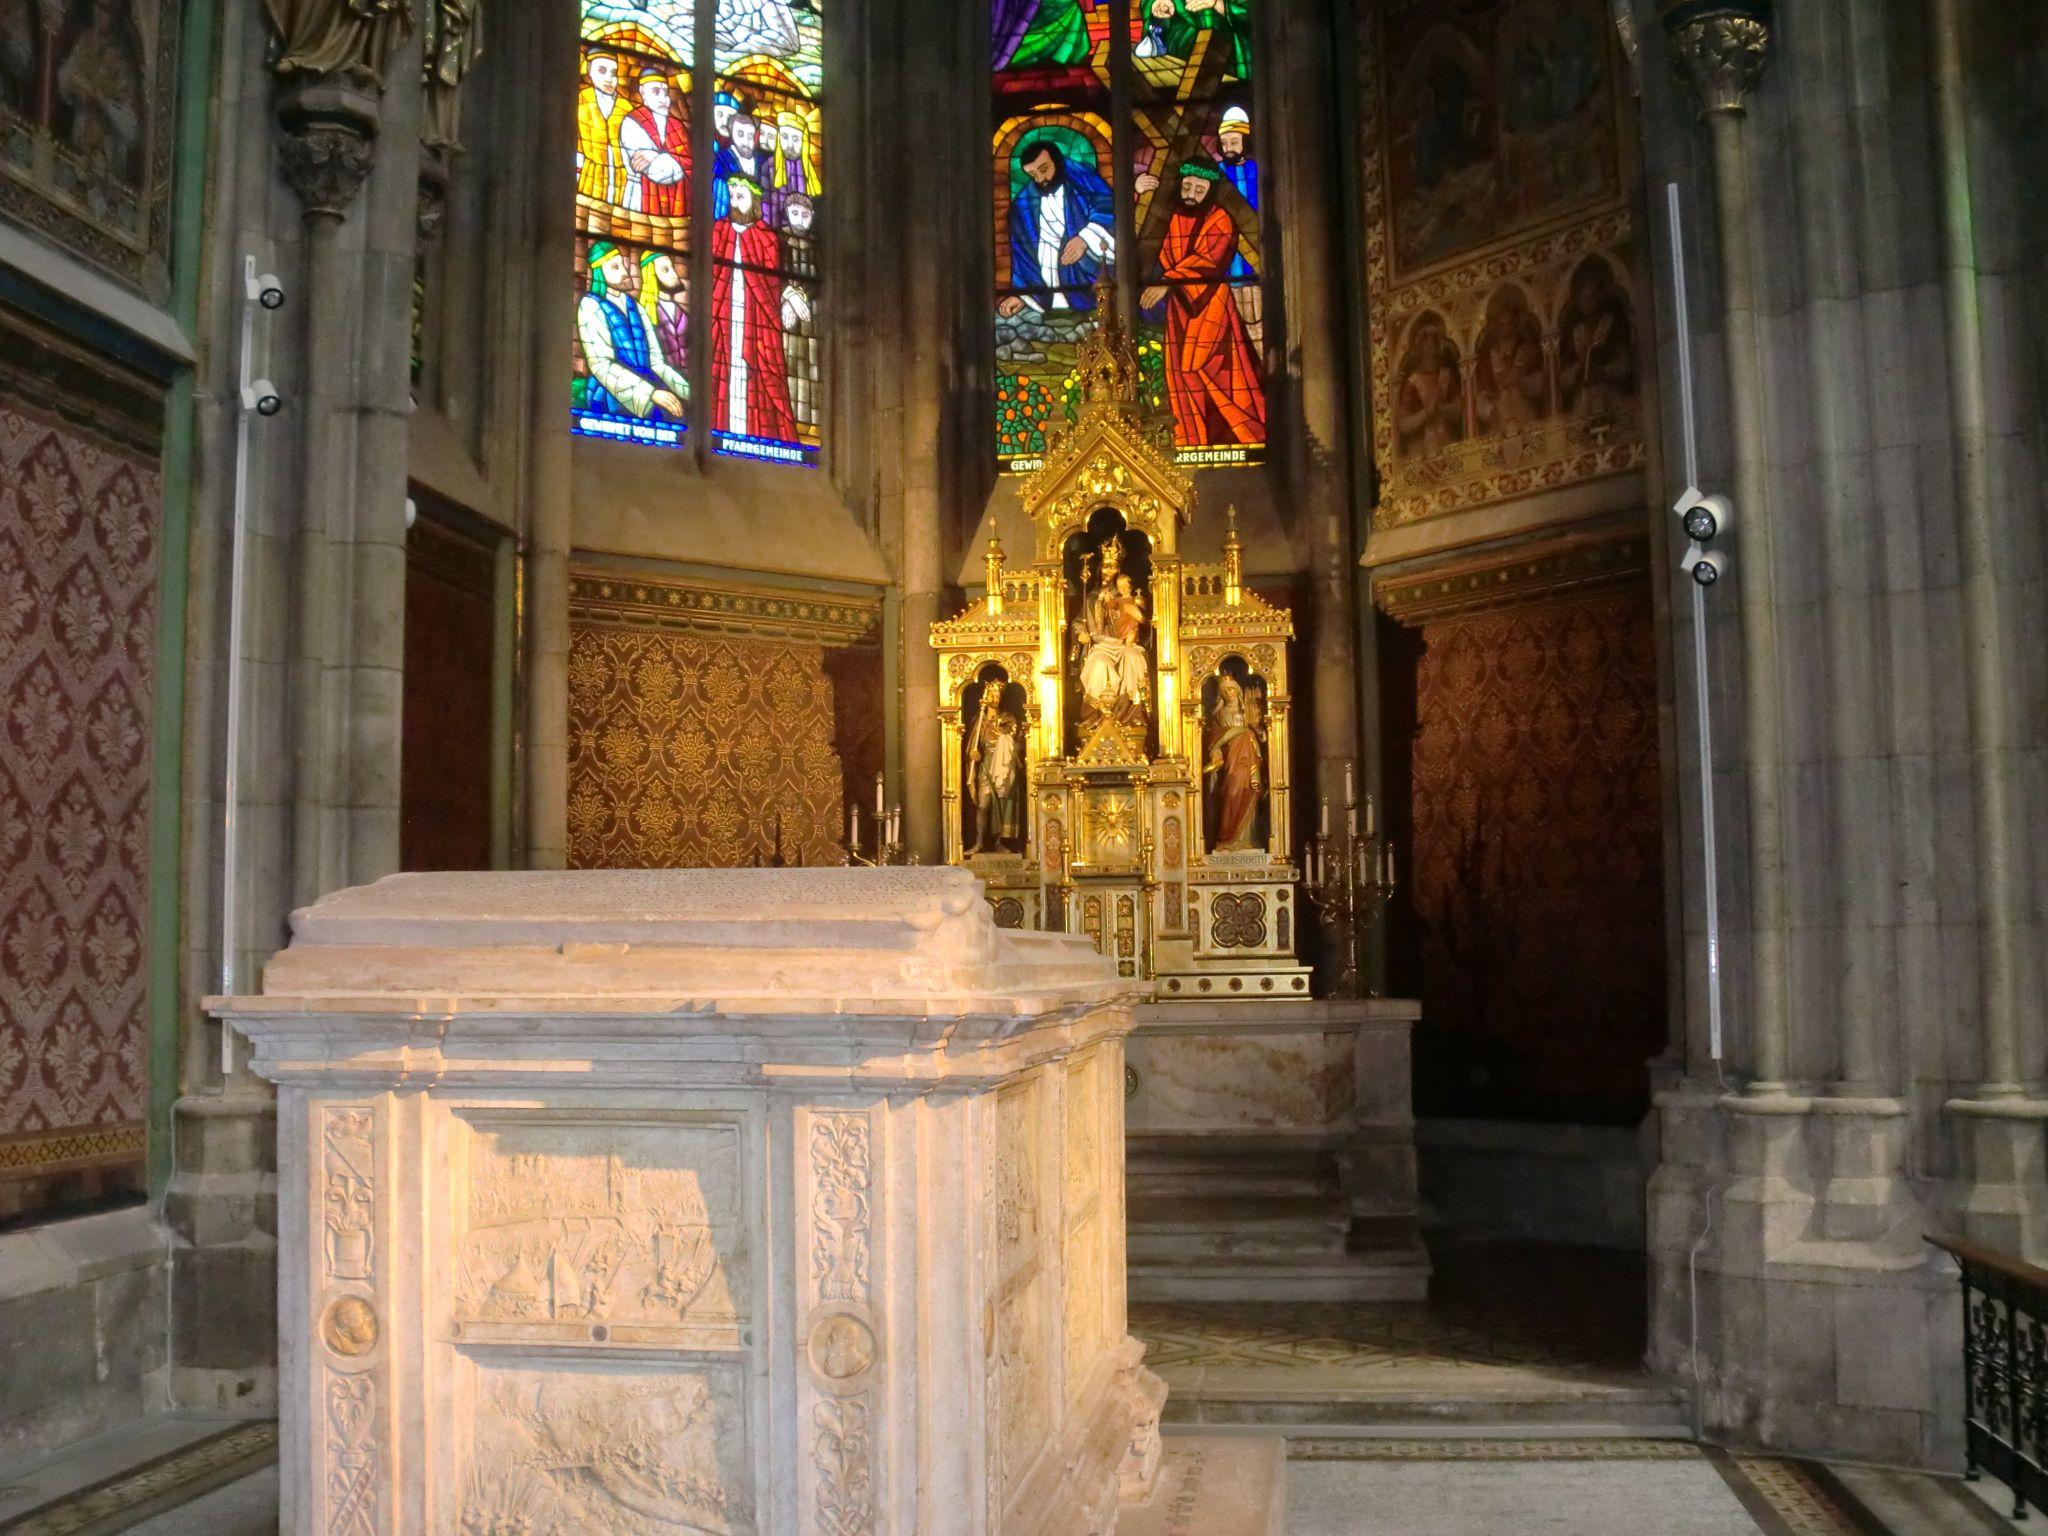 Vienna cathedral 18 1440x1080 - Vienna: elegant beauty